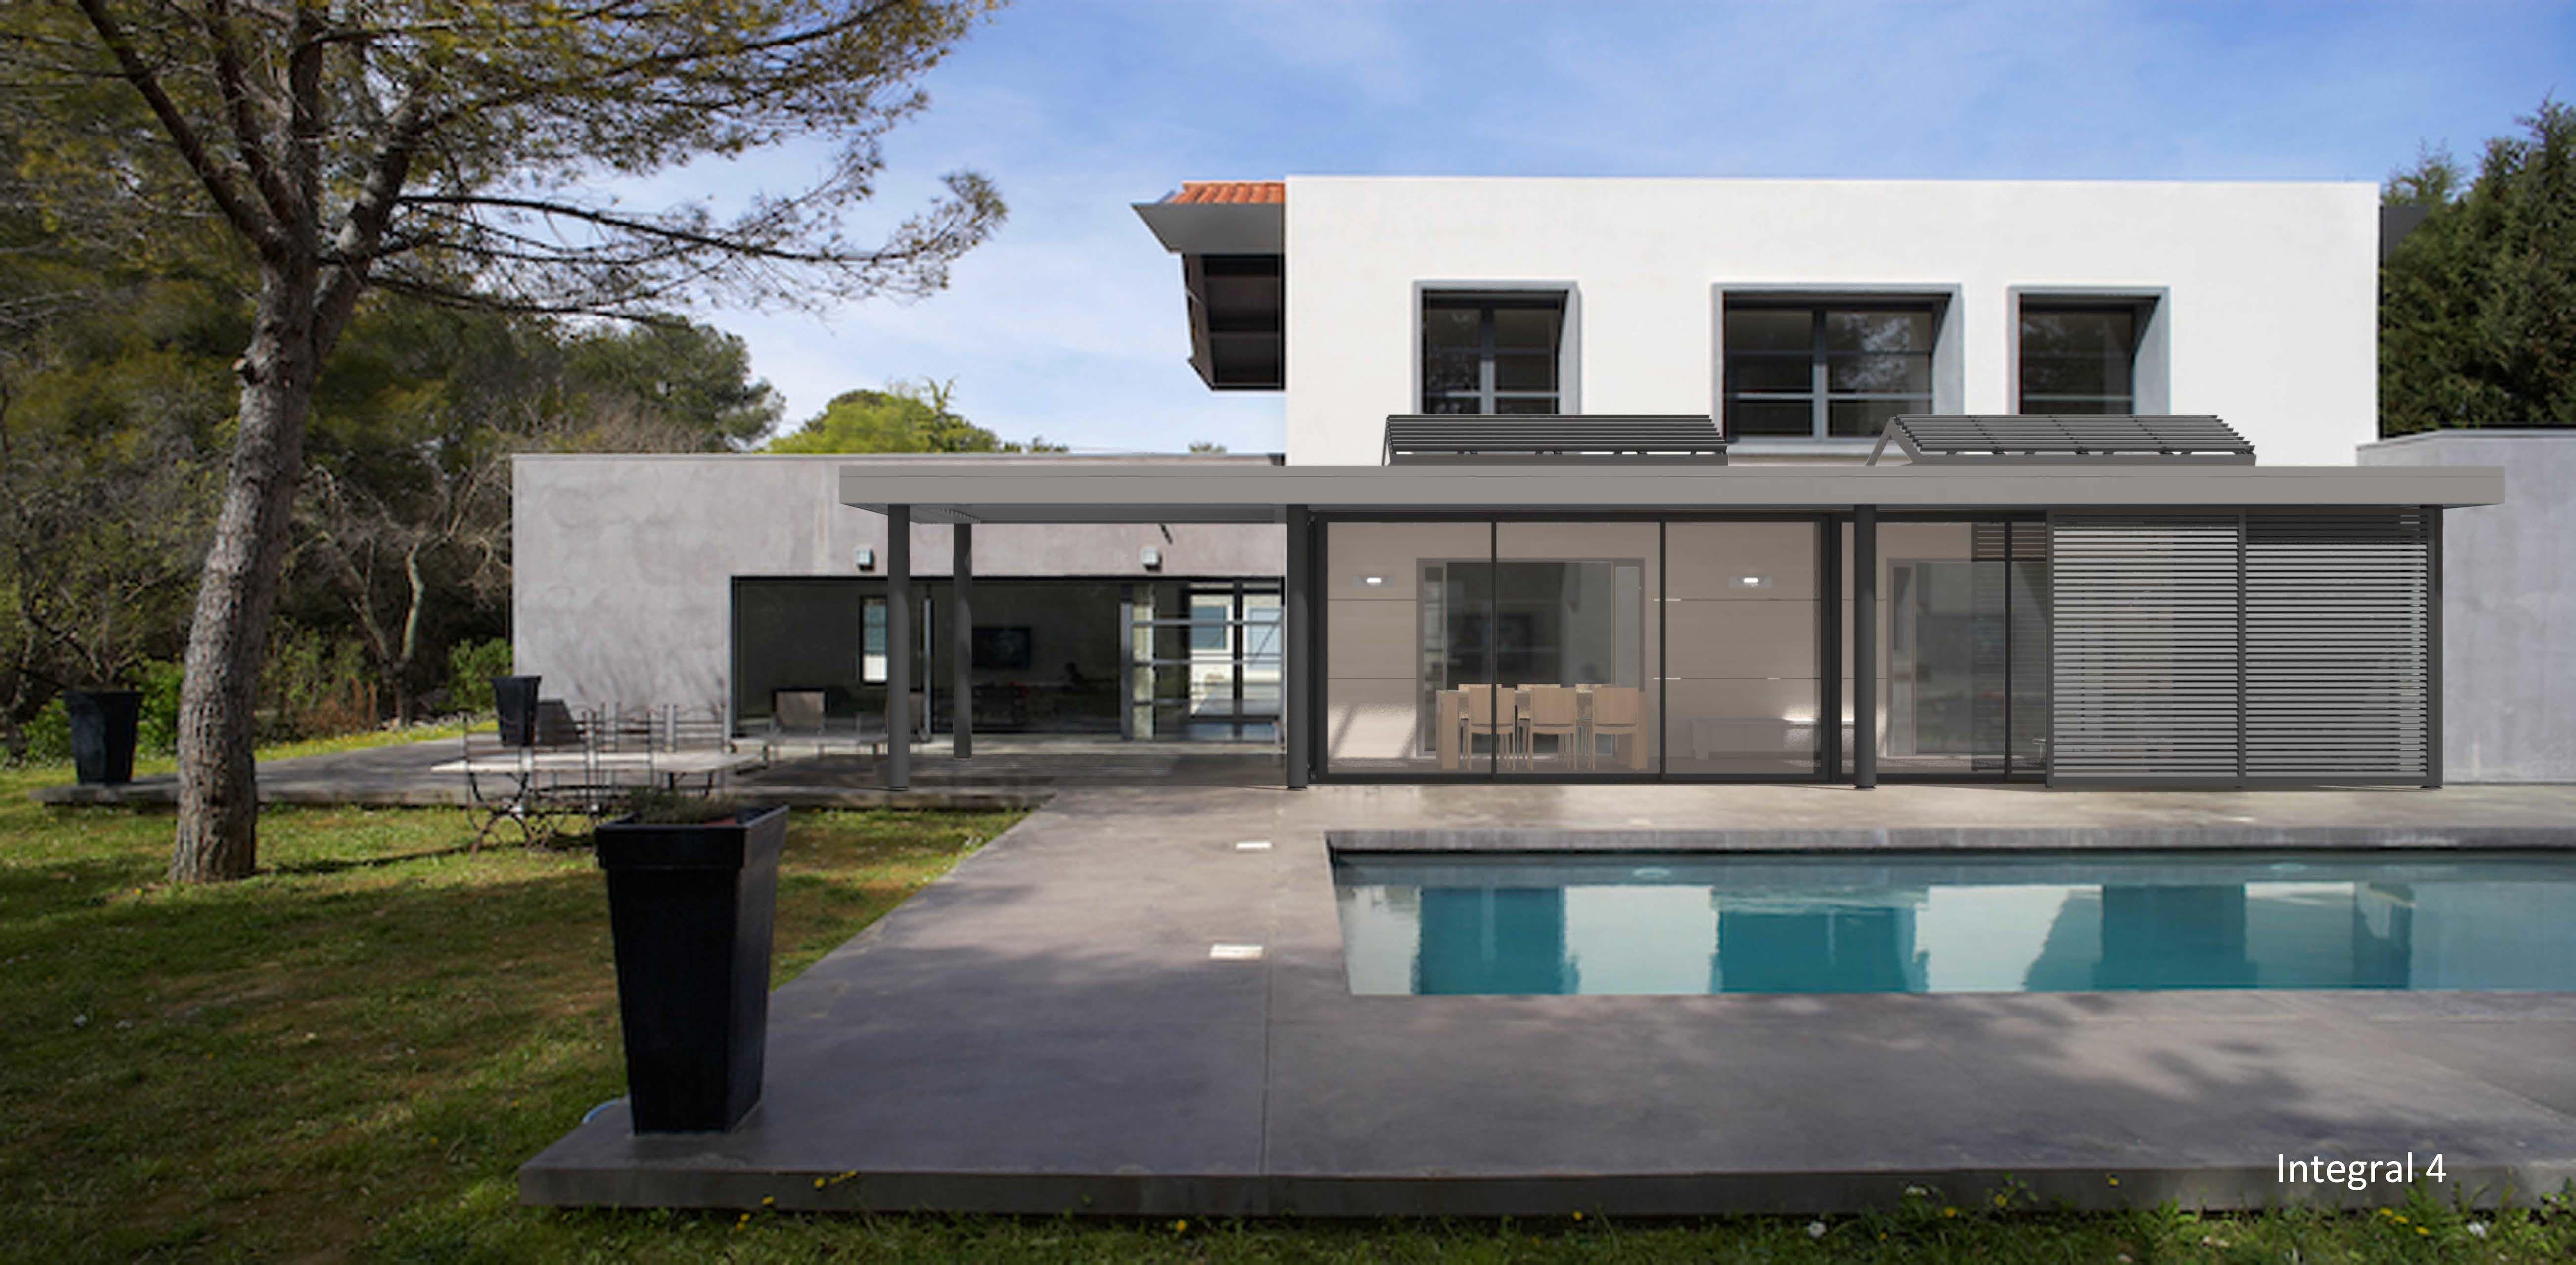 extens 39 k autorise toutes les folies d 39 agrandissement de maison cette double pi ce vivre. Black Bedroom Furniture Sets. Home Design Ideas